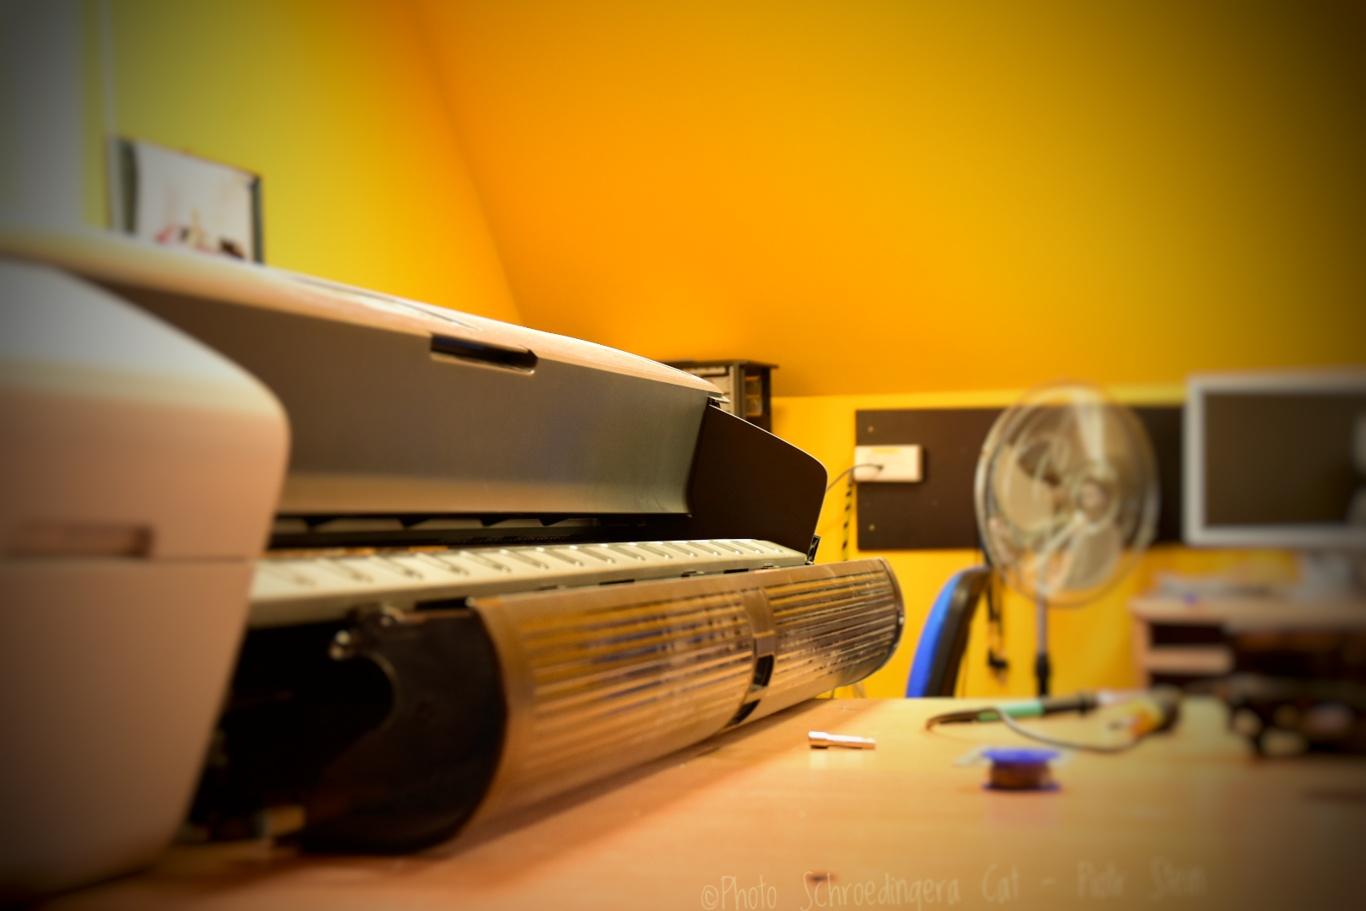 Naprawa i serwis ploterów. © Zdjęcie za zgodą Akte.com.pl i autora @PhotoSchroedingerCat https://akte.com.pl/naprawa-i-serwis-plotterow-hp/